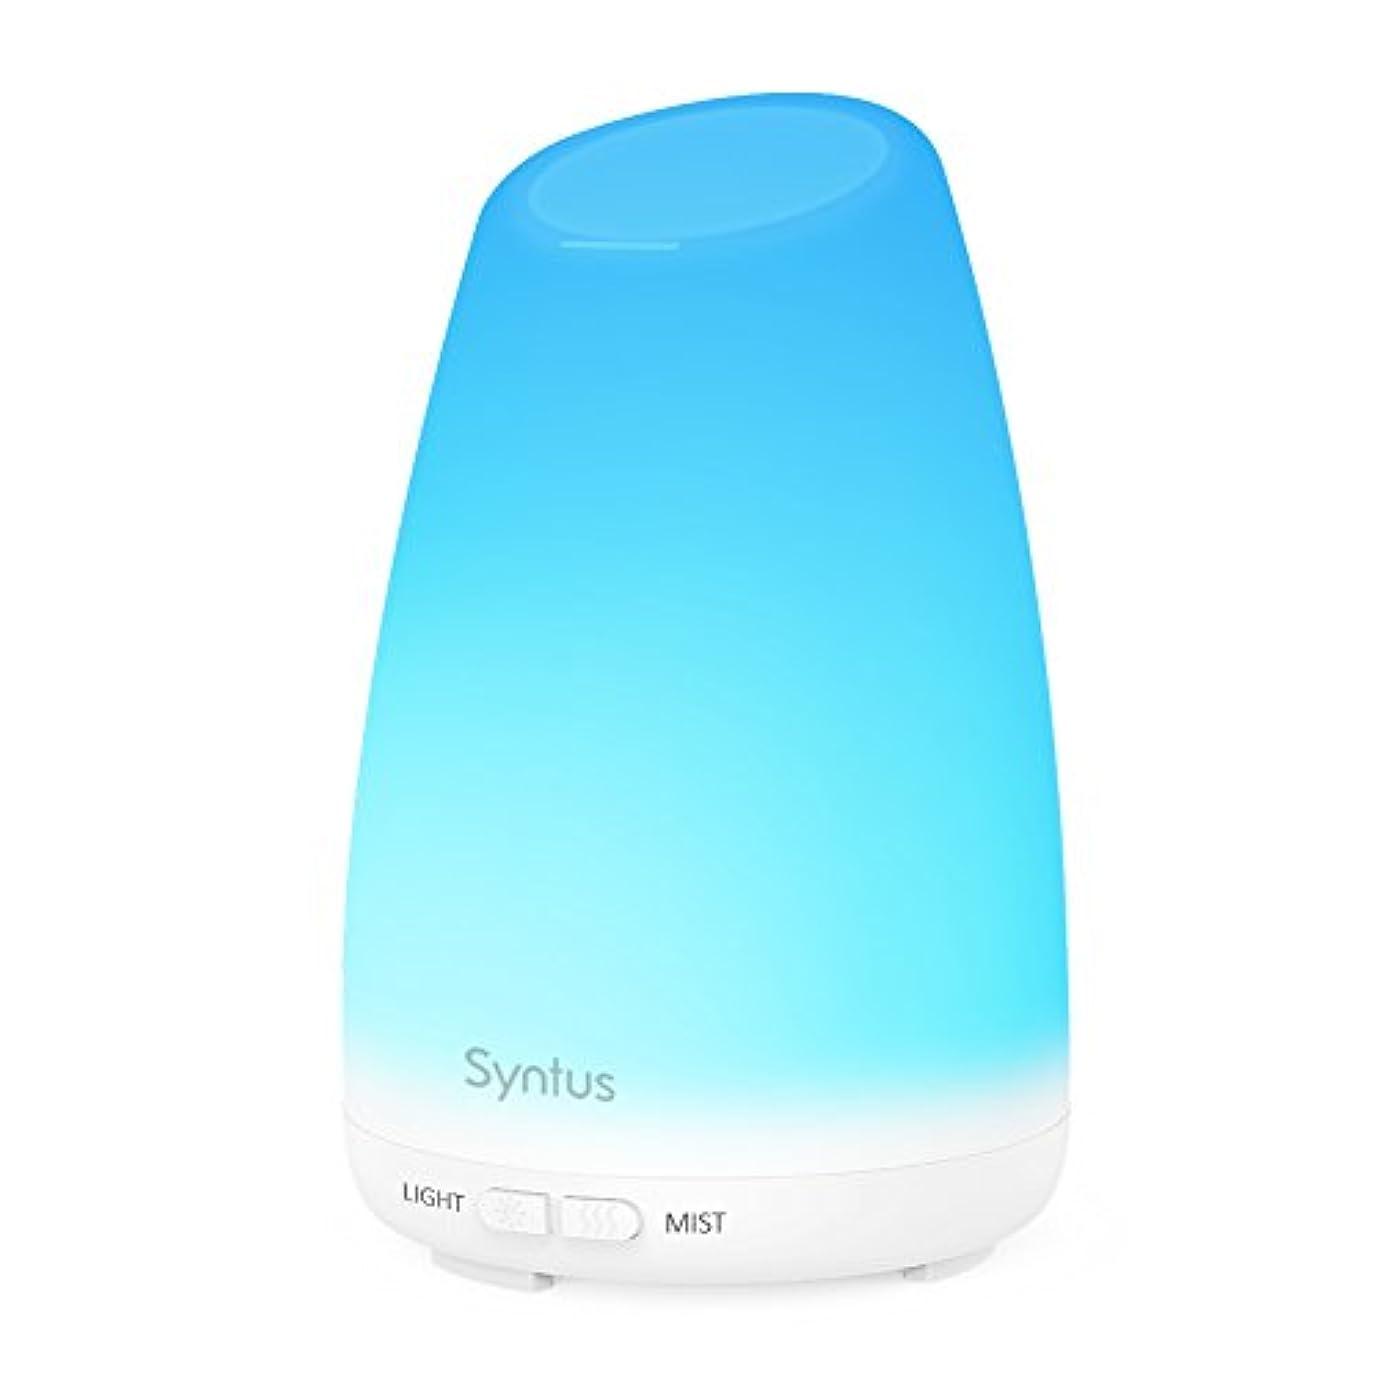 オン認める正午Syntus 150ml エッセンシャルオイルディフューザー ポータブル超音波式アロマセラピーディフューザー 7色に変わるLEDライト 変更可能なミストモード 水切れ自動停止機能